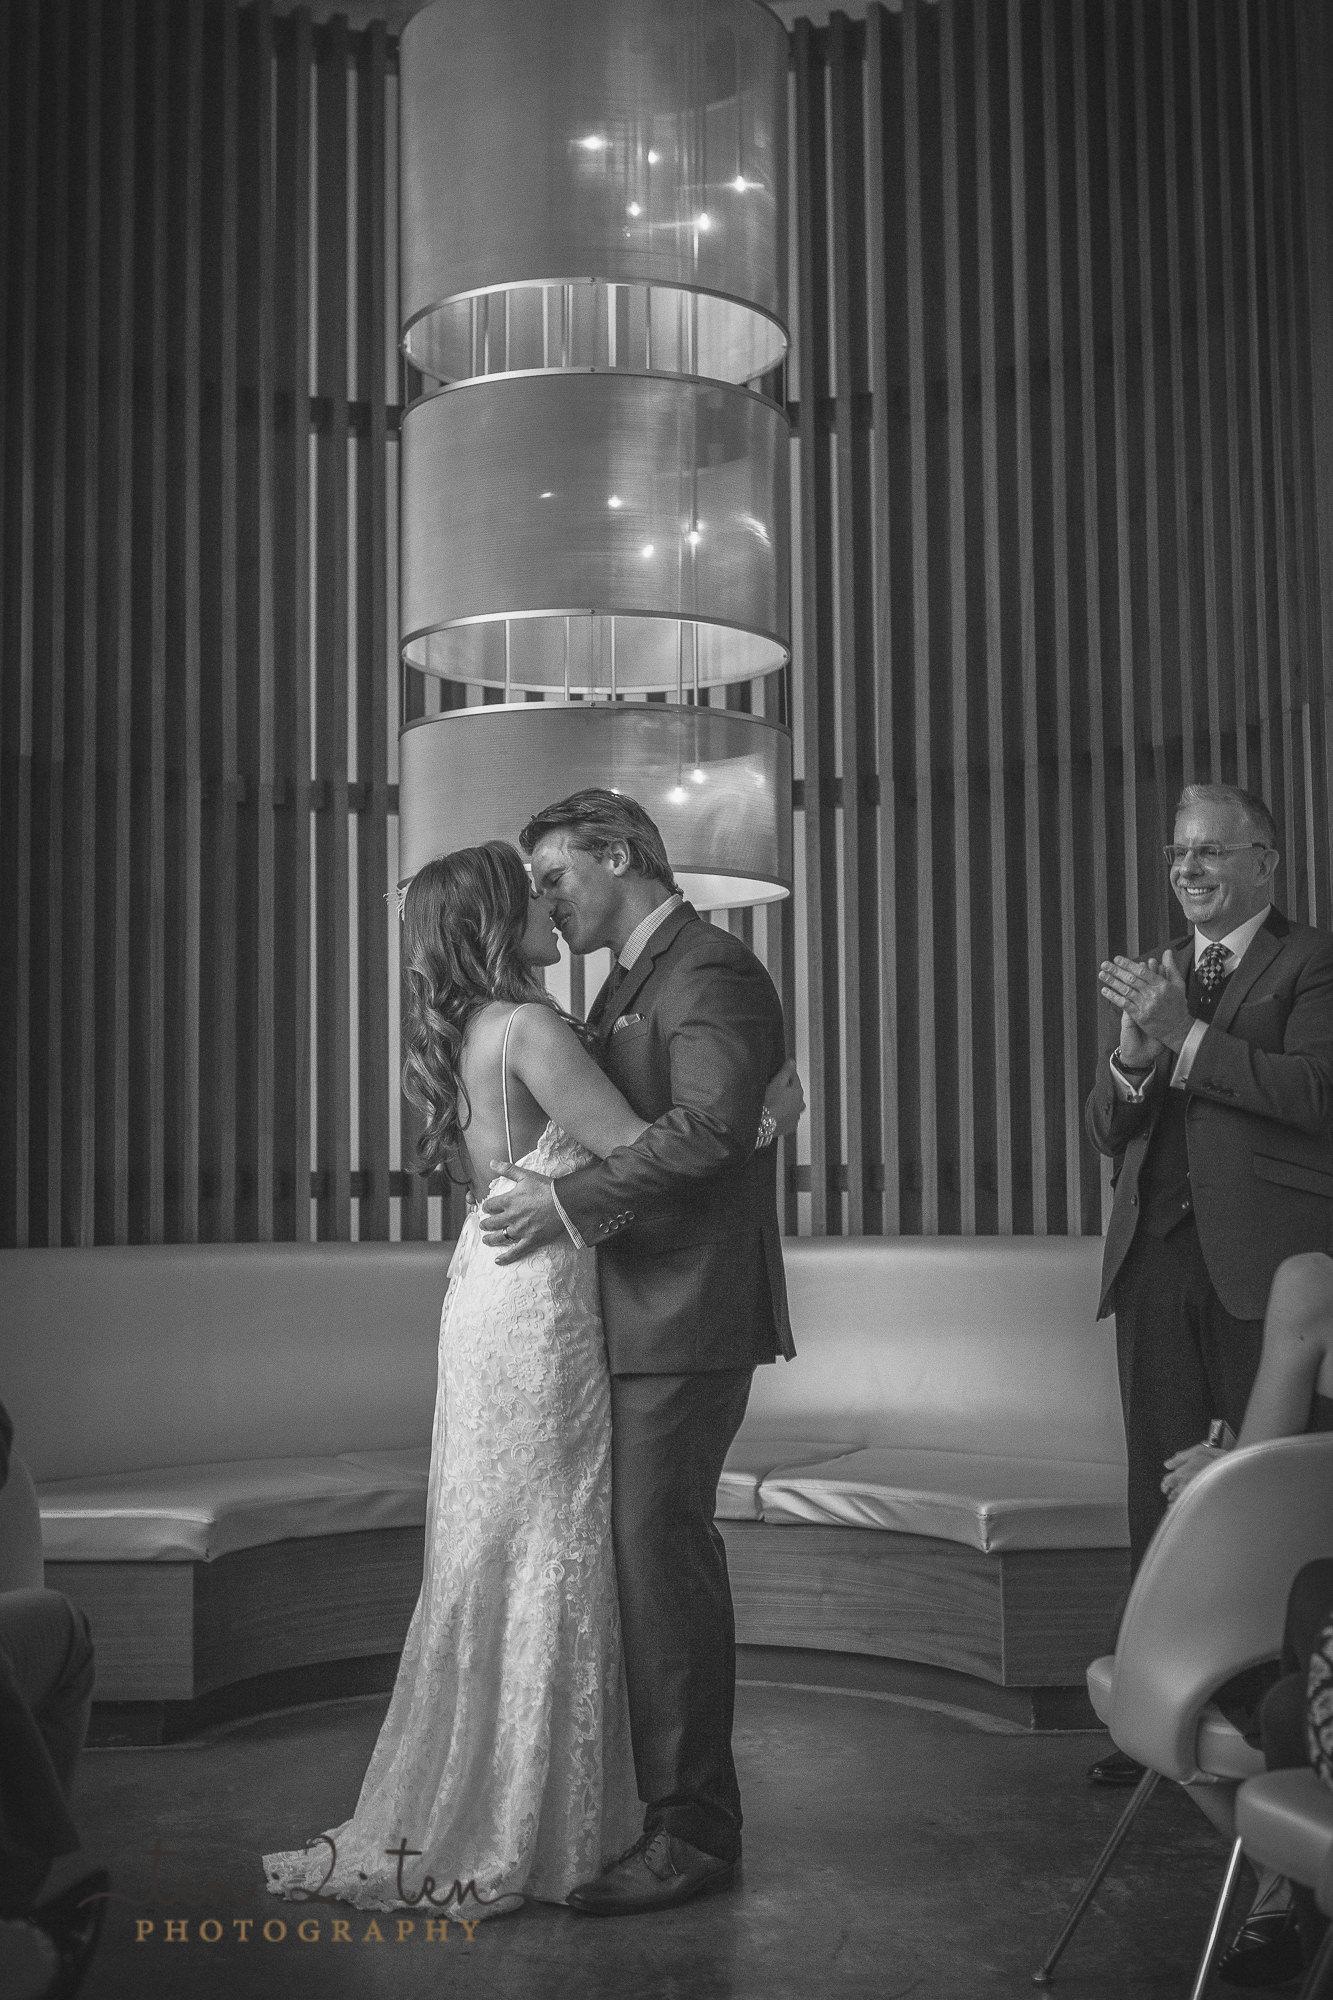 mildreds temple kitchen wedding photos 365 - Mildred's Temple Kitchen Wedding Photos